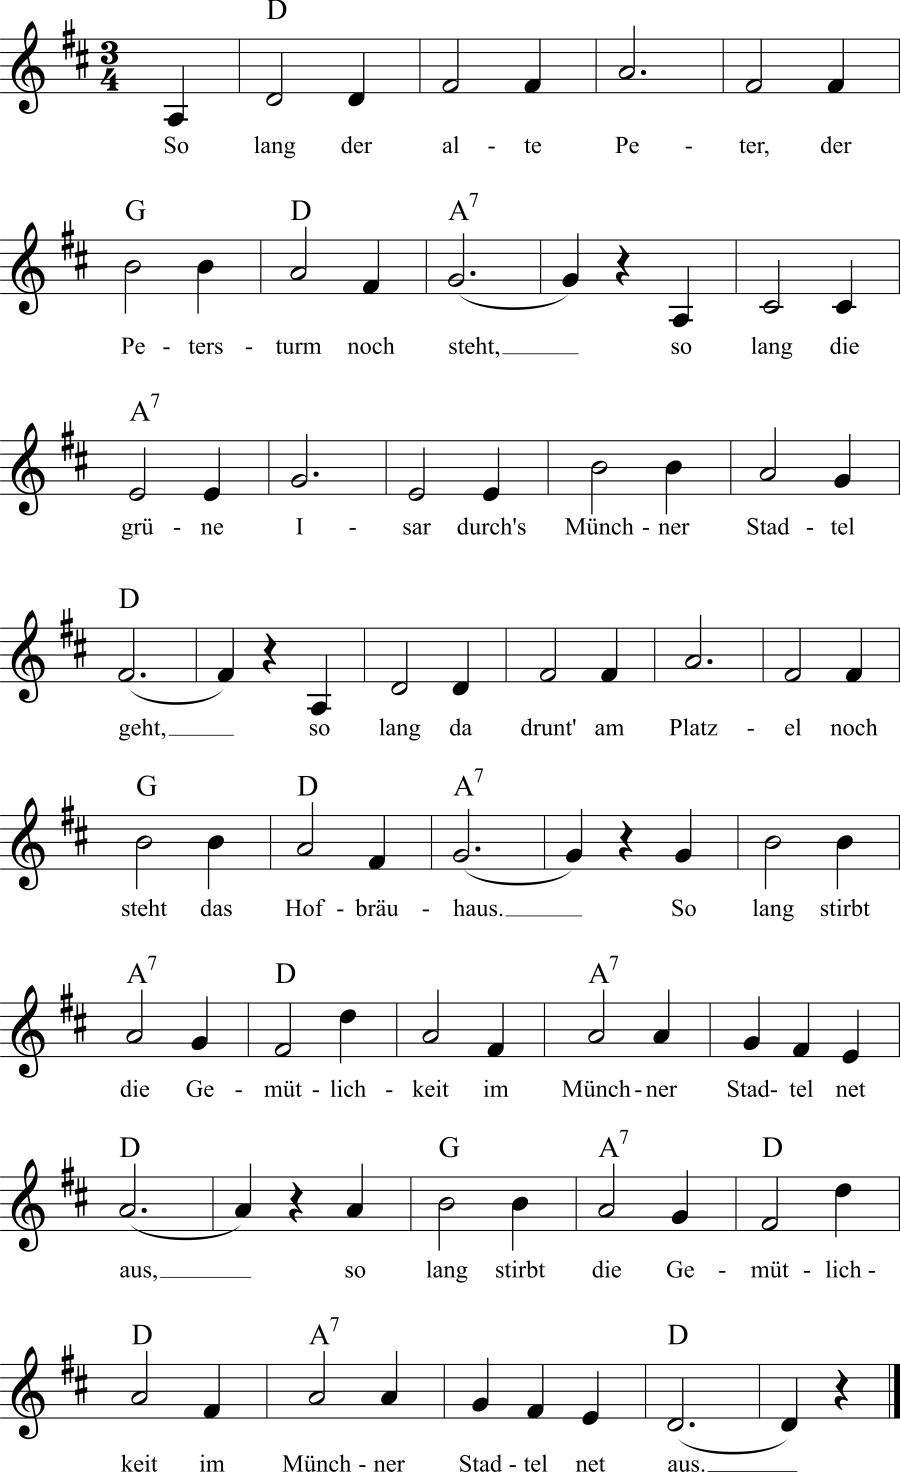 Musiknoten zum Lied Solang der alte Peter